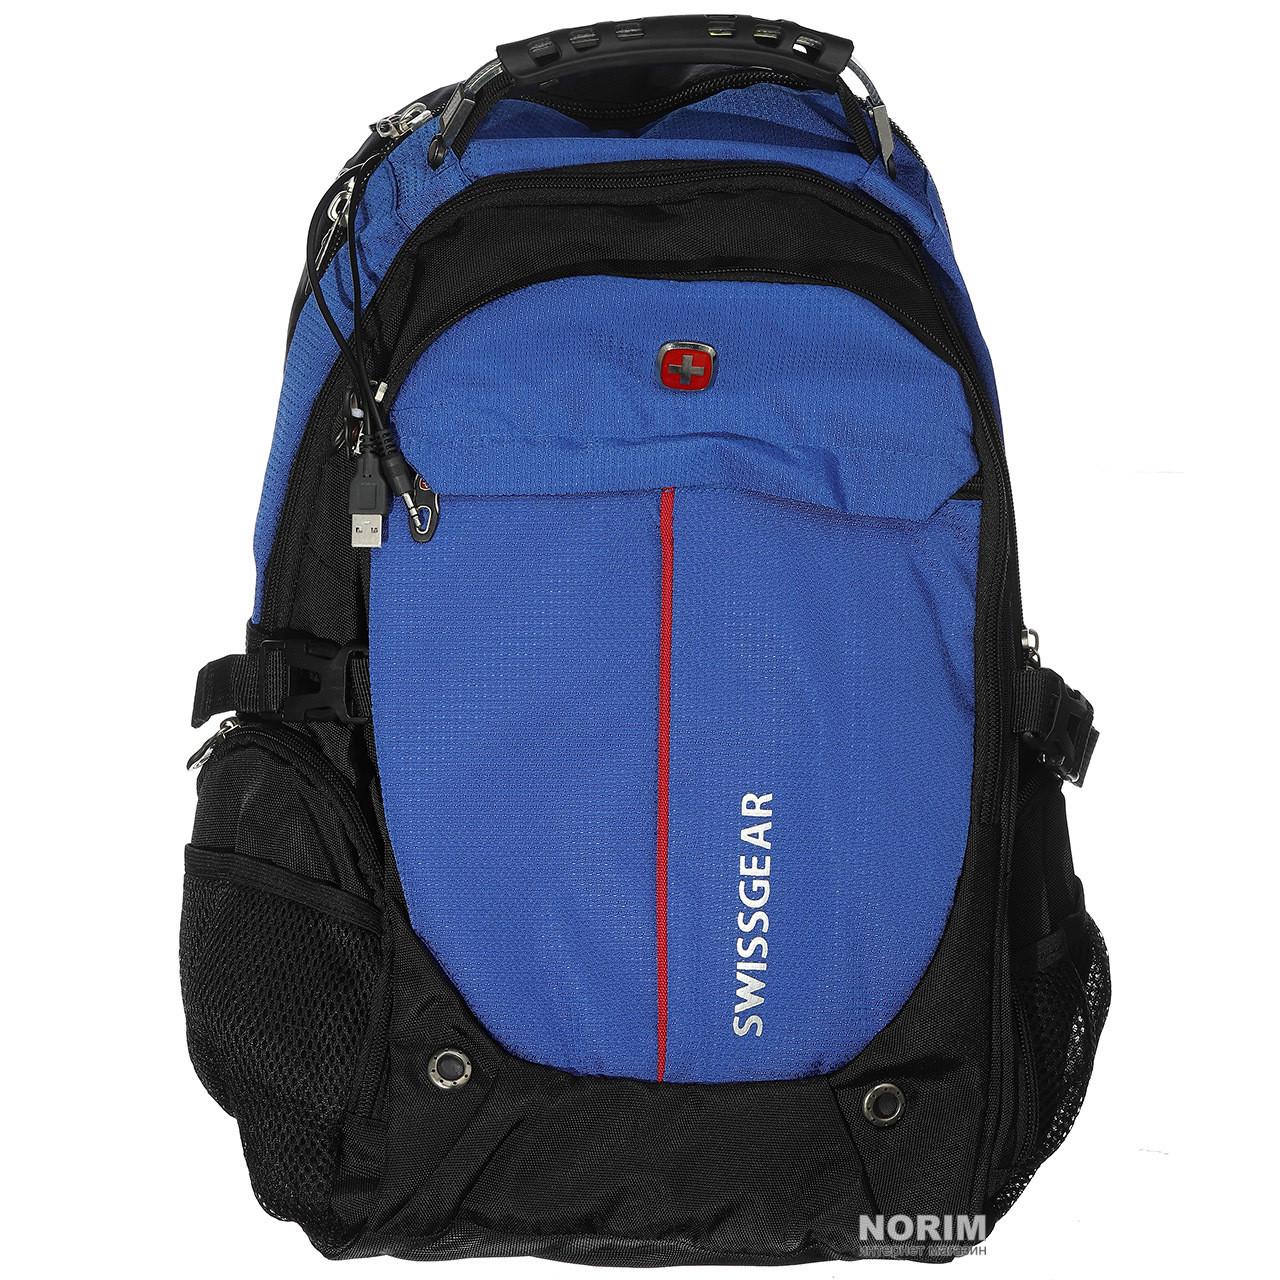 728a2763905a Рюкзак Swissgear 31 л (6222) Синий интернет магазин NORIM (Норим ...